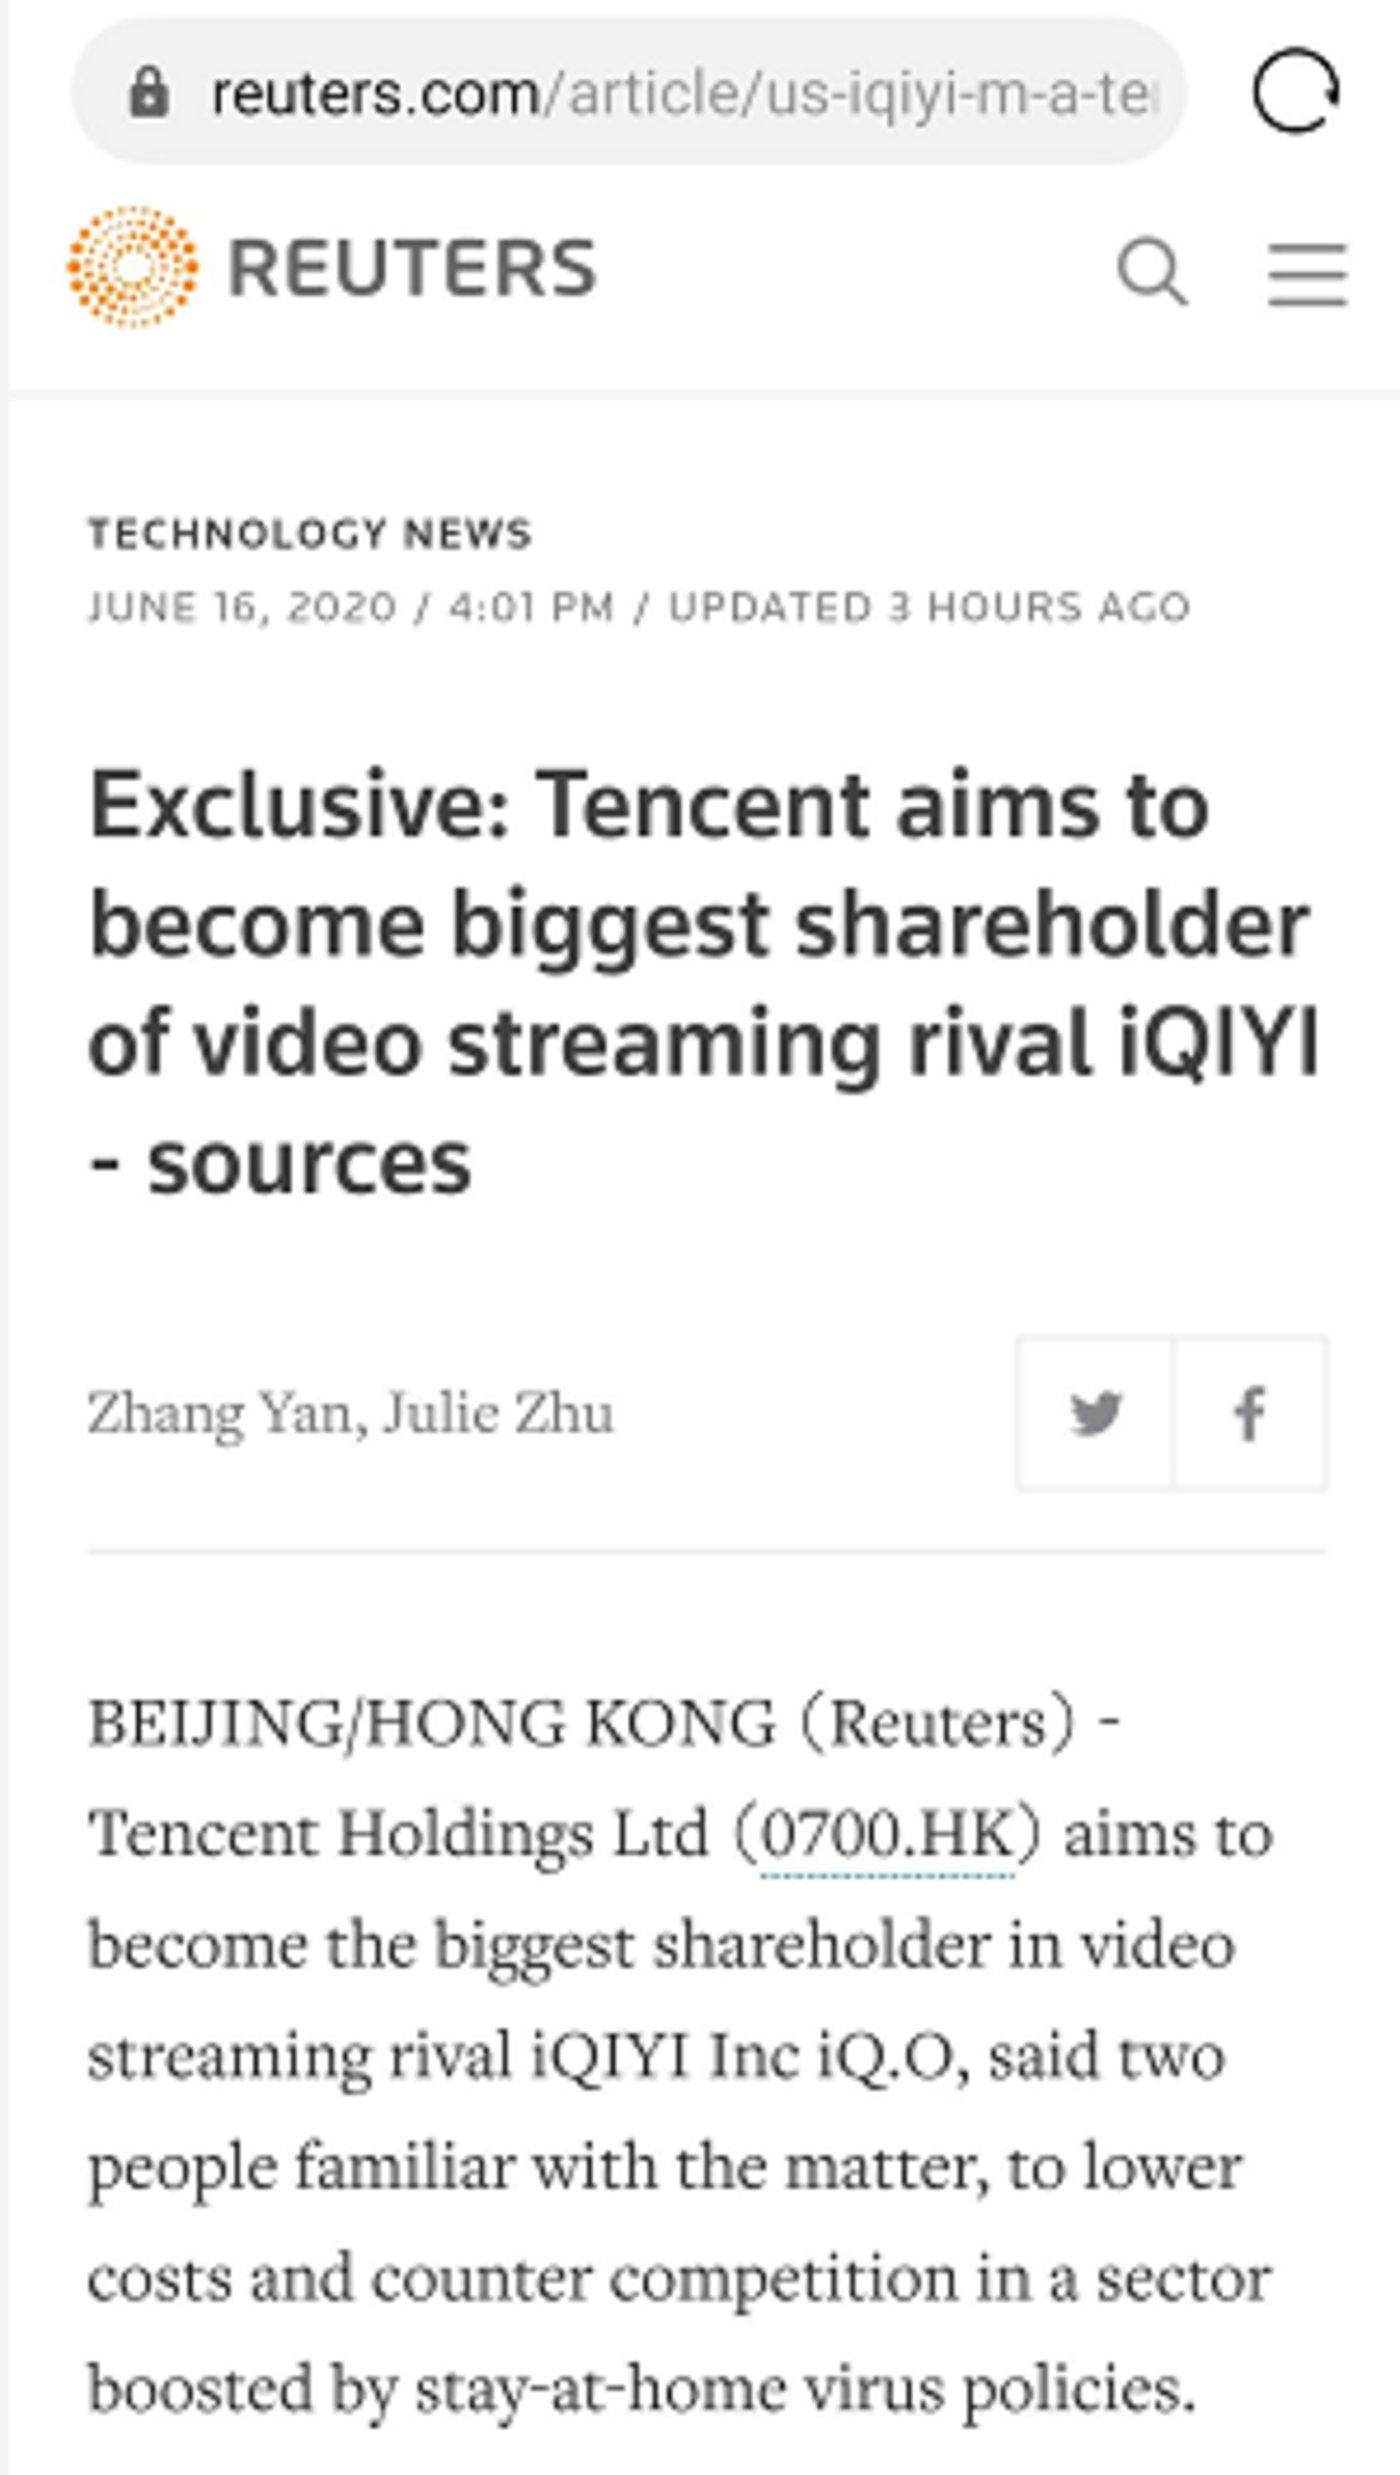 腾讯就算收了爱奇艺, 中国也不会有奈飞